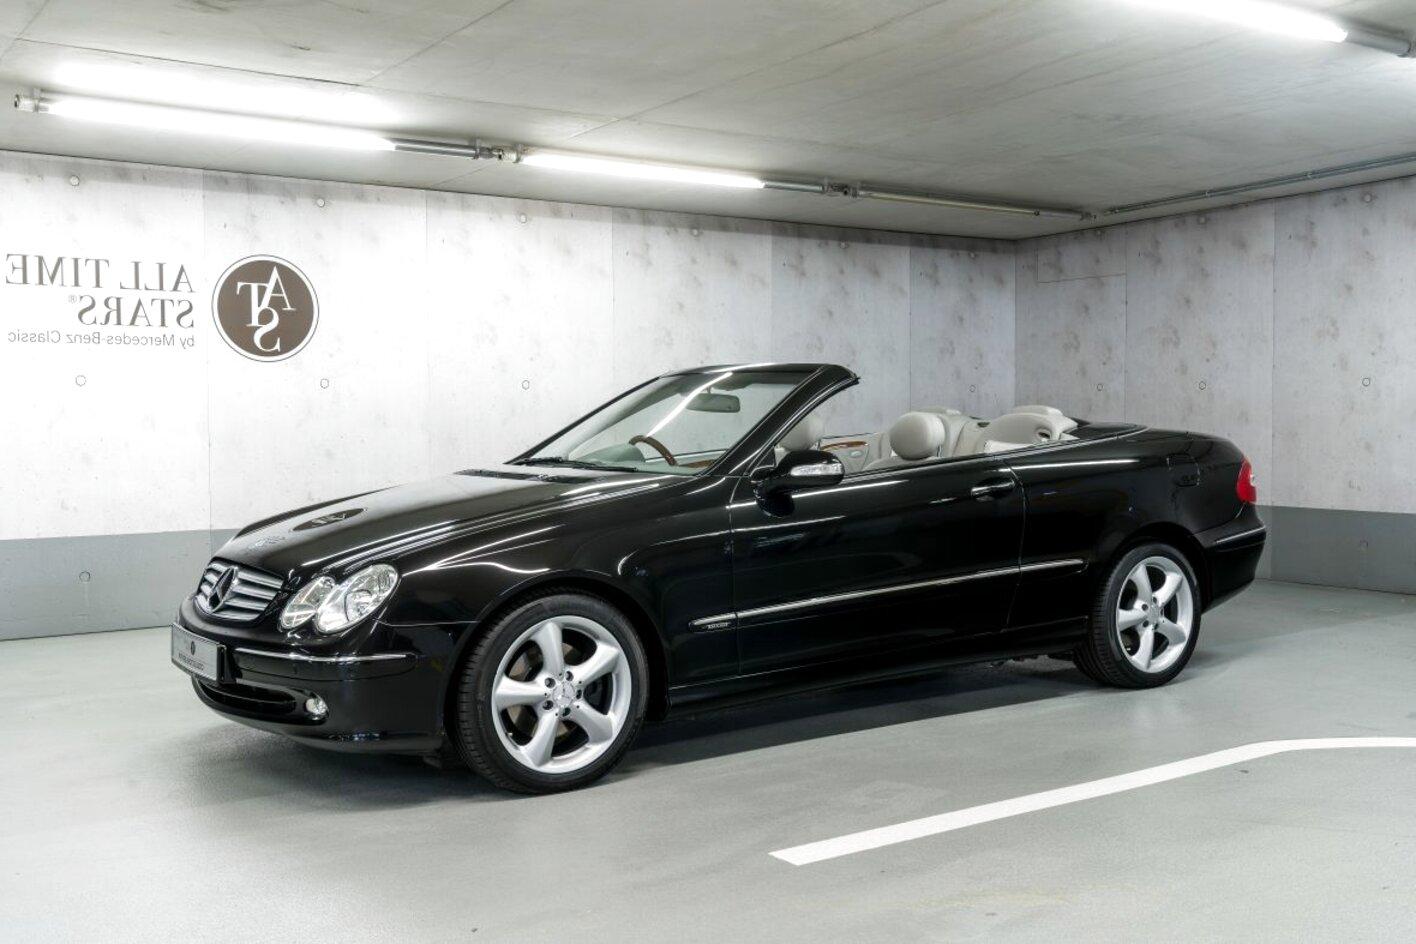 ESX Lautsprecher HZ42 200W 100 mm 2 Wege Koax f/ür Mercedes CLK Cabrio A208